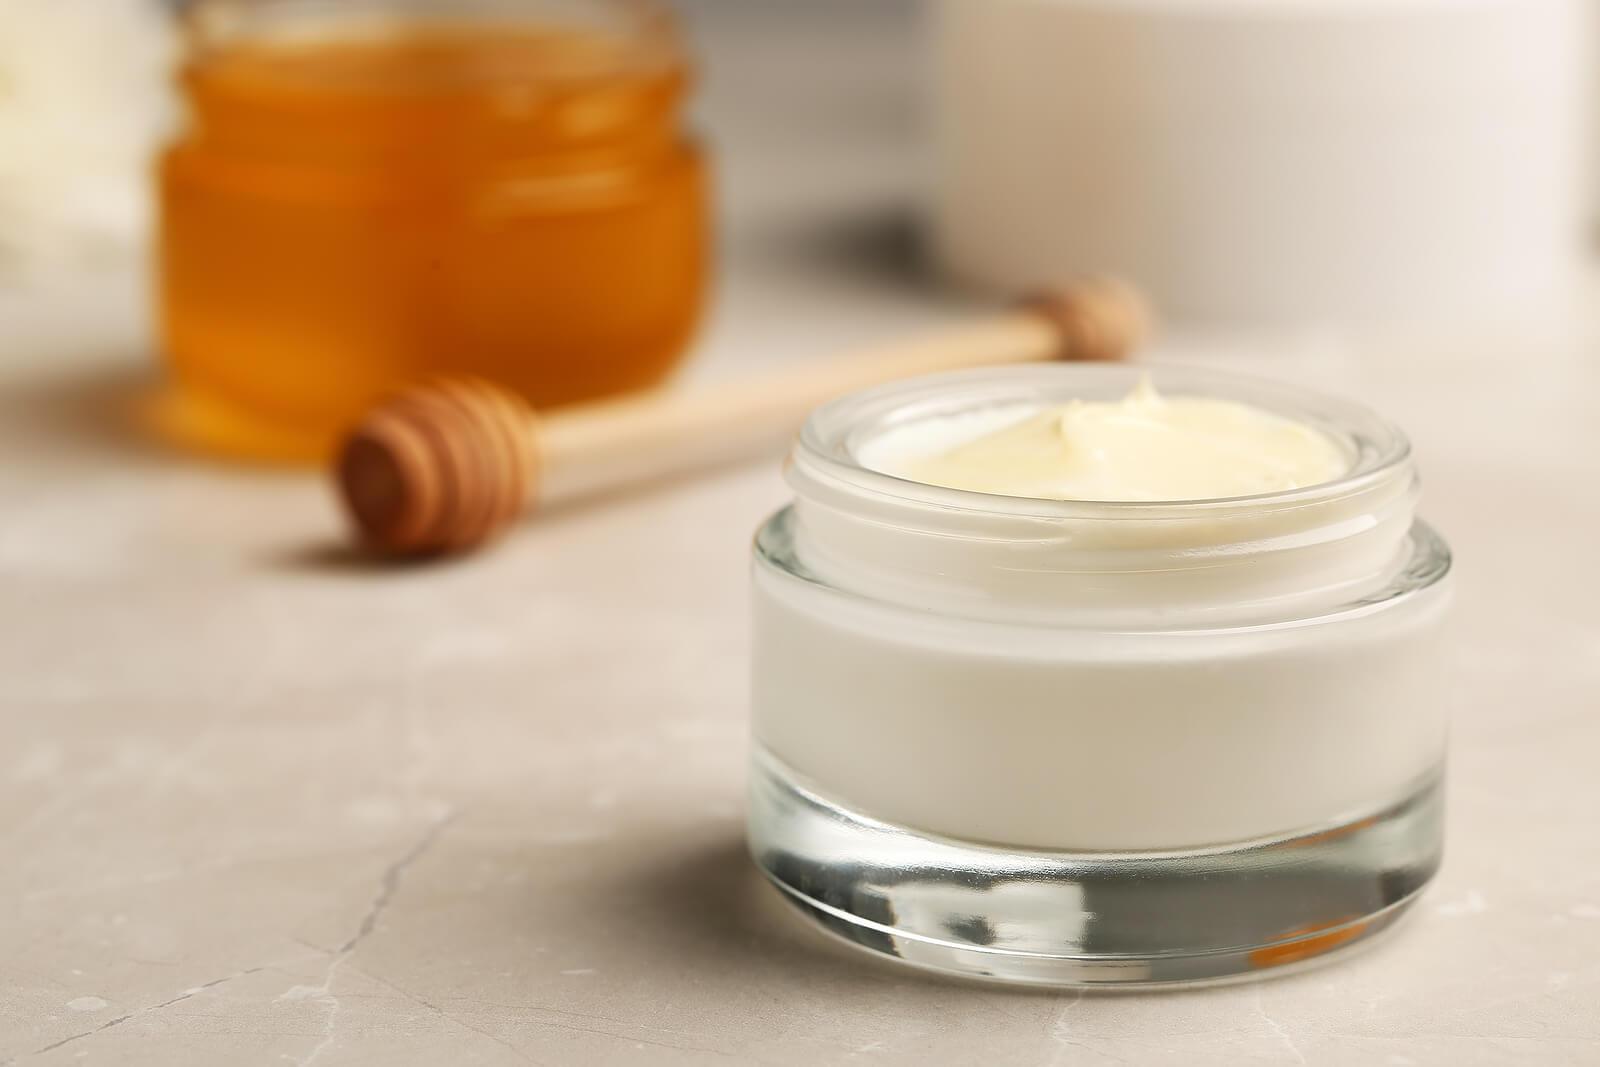 Crema con propiedades analgésicas y antiinflamatorias